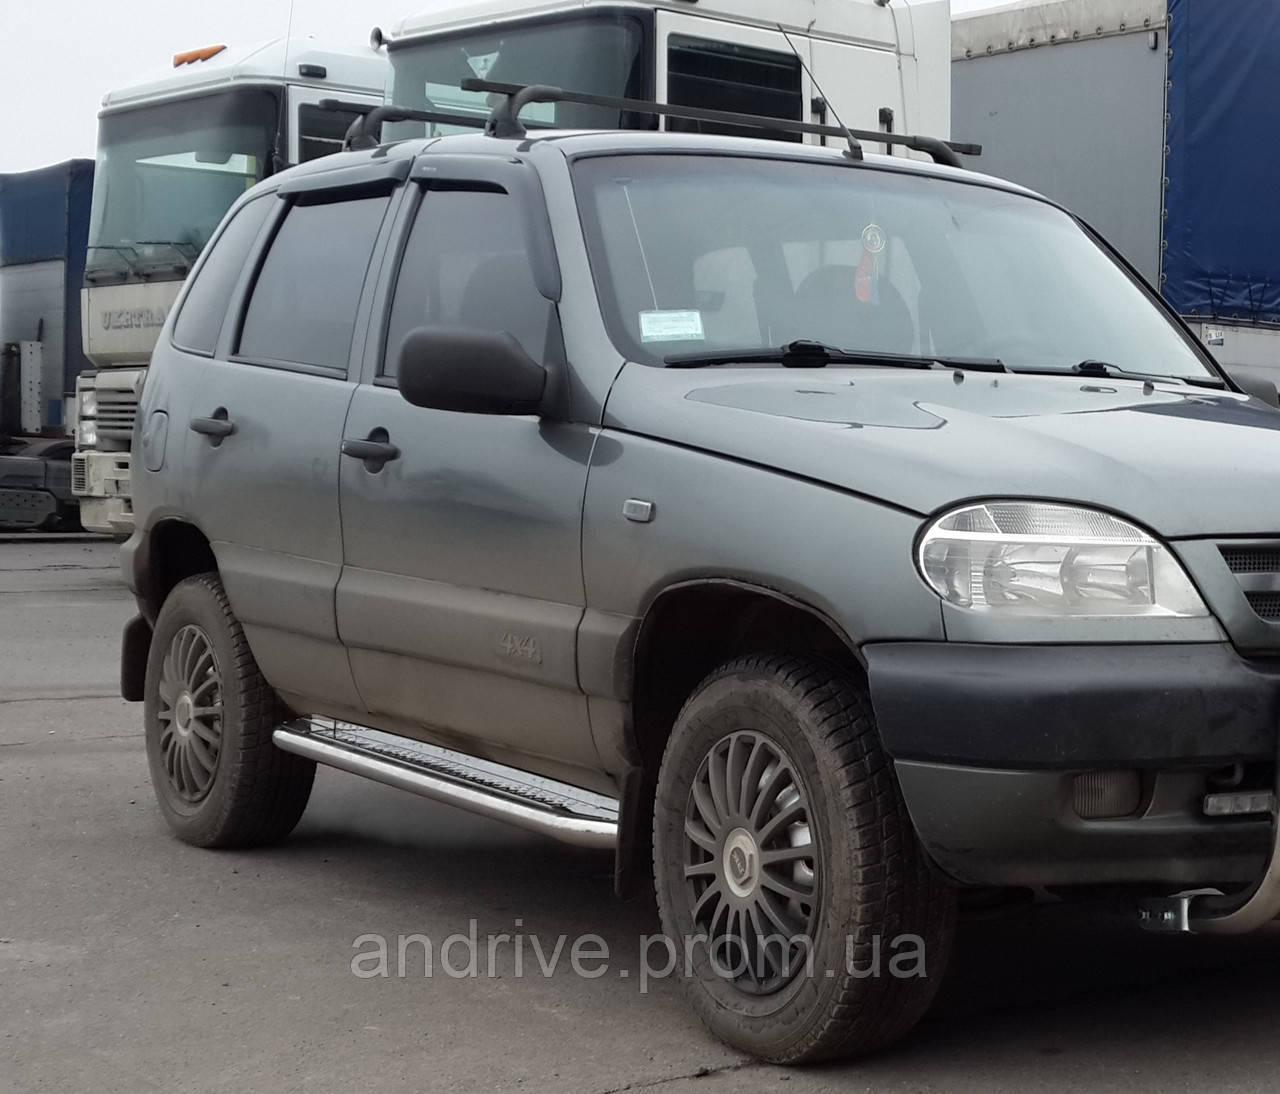 Бічні Пороги (підніжки-майданчик) Chevrolet Niva 2002-2009 (Ø42)